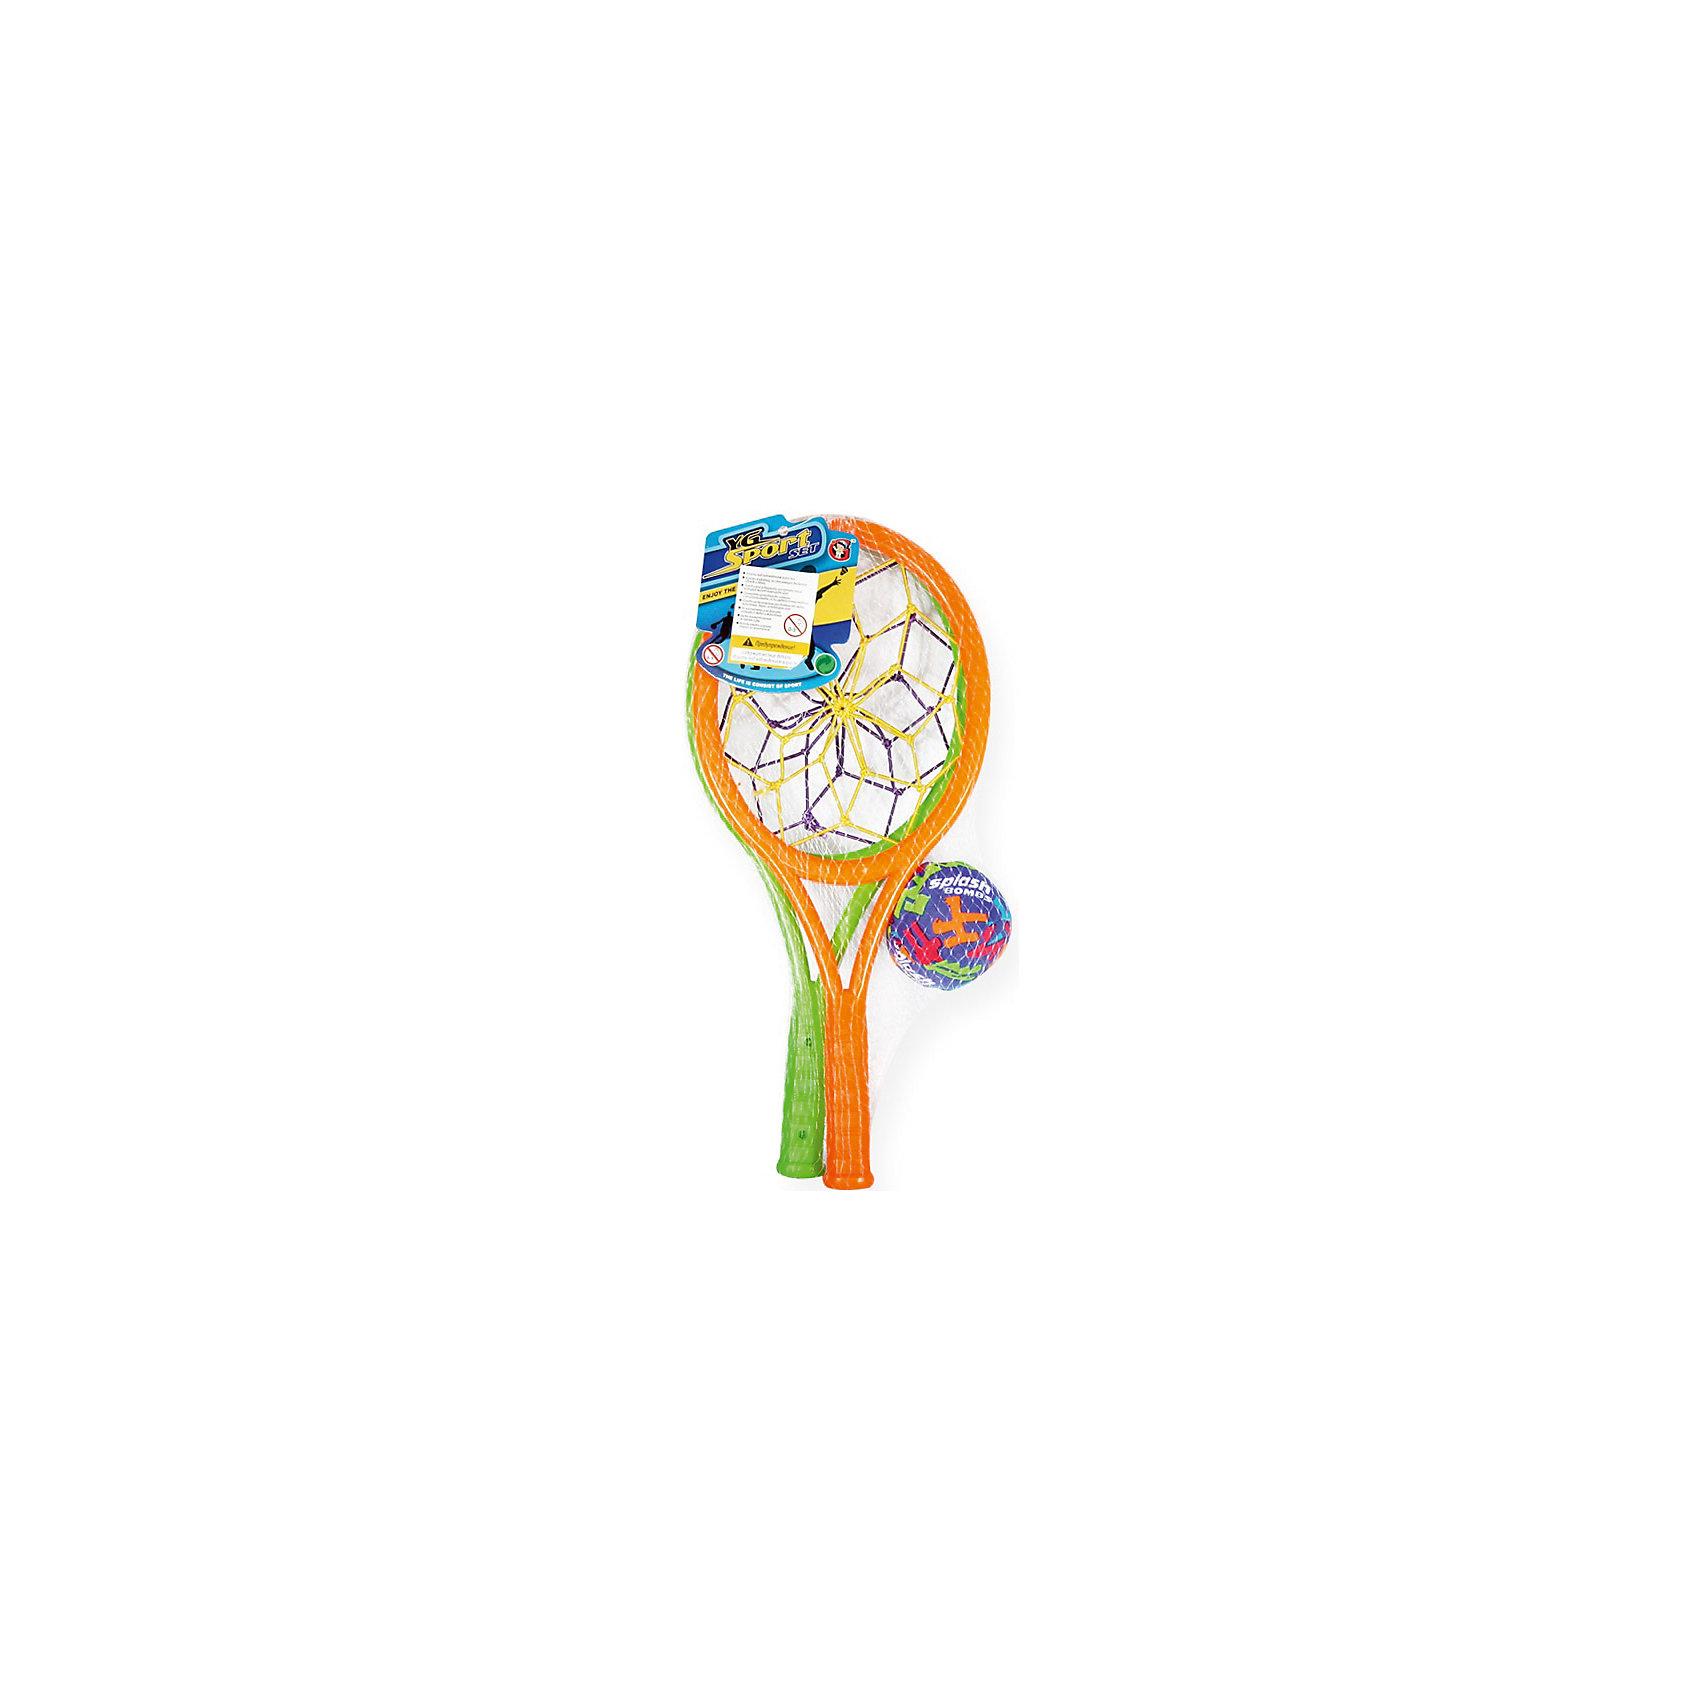 Детская игра Ракетки-ловушки, YG SportПодвижная веселая игра Ракетки-ловушки, YG Sport, прекрасно подойдет для всей семьи и поможет разнообразить отдых на даче или на природе. В комплект входят две ракетки для бадминтона с сеточкой-ловушкой и разноцветная бомбочка. Все предметы выполнены из прочного и качественного материала, абсолютно безопасного для детей. Игра развивает меткость, ловкость, внимательность и мелкую моторику.<br><br>Дополнительная информация:<br><br>- В комплекте: 2 ракетки-ловушки, бомбочка.<br>- Материал: пластик. <br>- Размер одной ракетки: 34 см.<br>- Диаметр бомбочки: 6 см.<br>- Размер упаковки: 15,3 х 6,5 х 38,2 см.<br>- Вес: 125 гр.<br> <br>Детскую игру Ракетки-ловушки, YG Sport, можно купить в нашем интернет-магазине.<br><br>Ширина мм: 153<br>Глубина мм: 65<br>Высота мм: 382<br>Вес г: 125<br>Возраст от месяцев: 36<br>Возраст до месяцев: 72<br>Пол: Унисекс<br>Возраст: Детский<br>SKU: 4622227